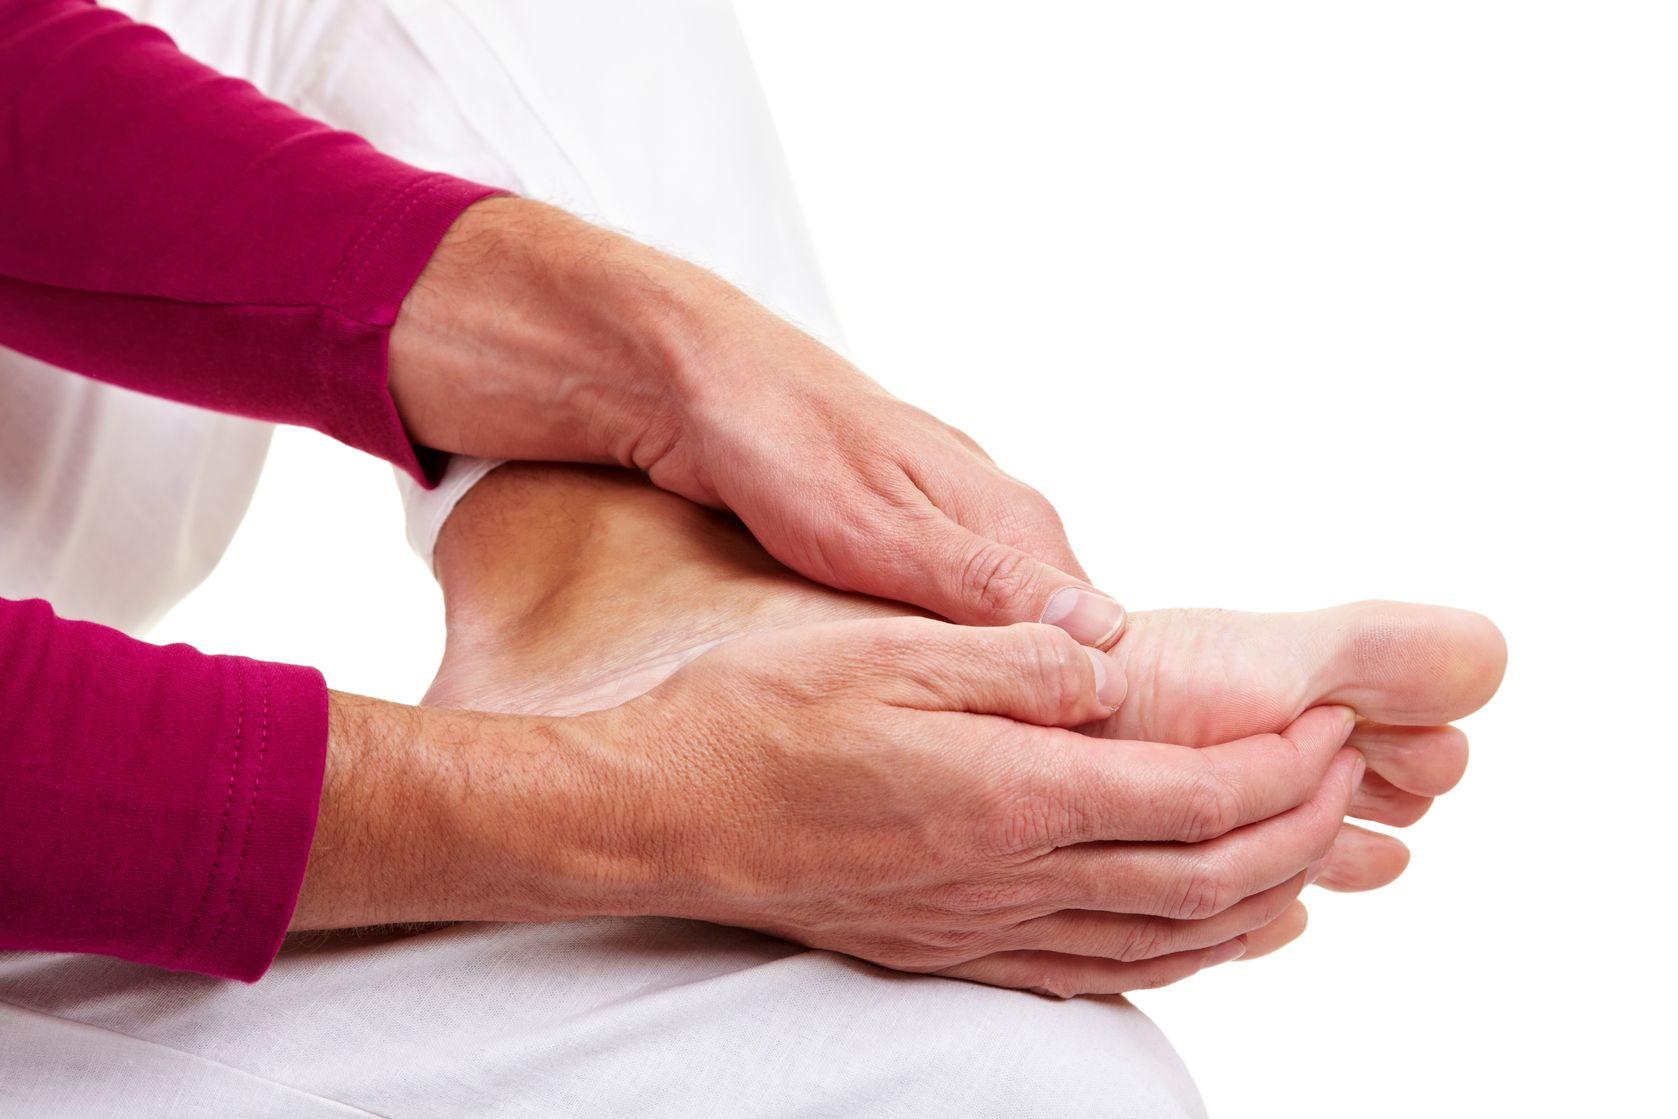 острая боль в суставах больших пальцев рук и ног